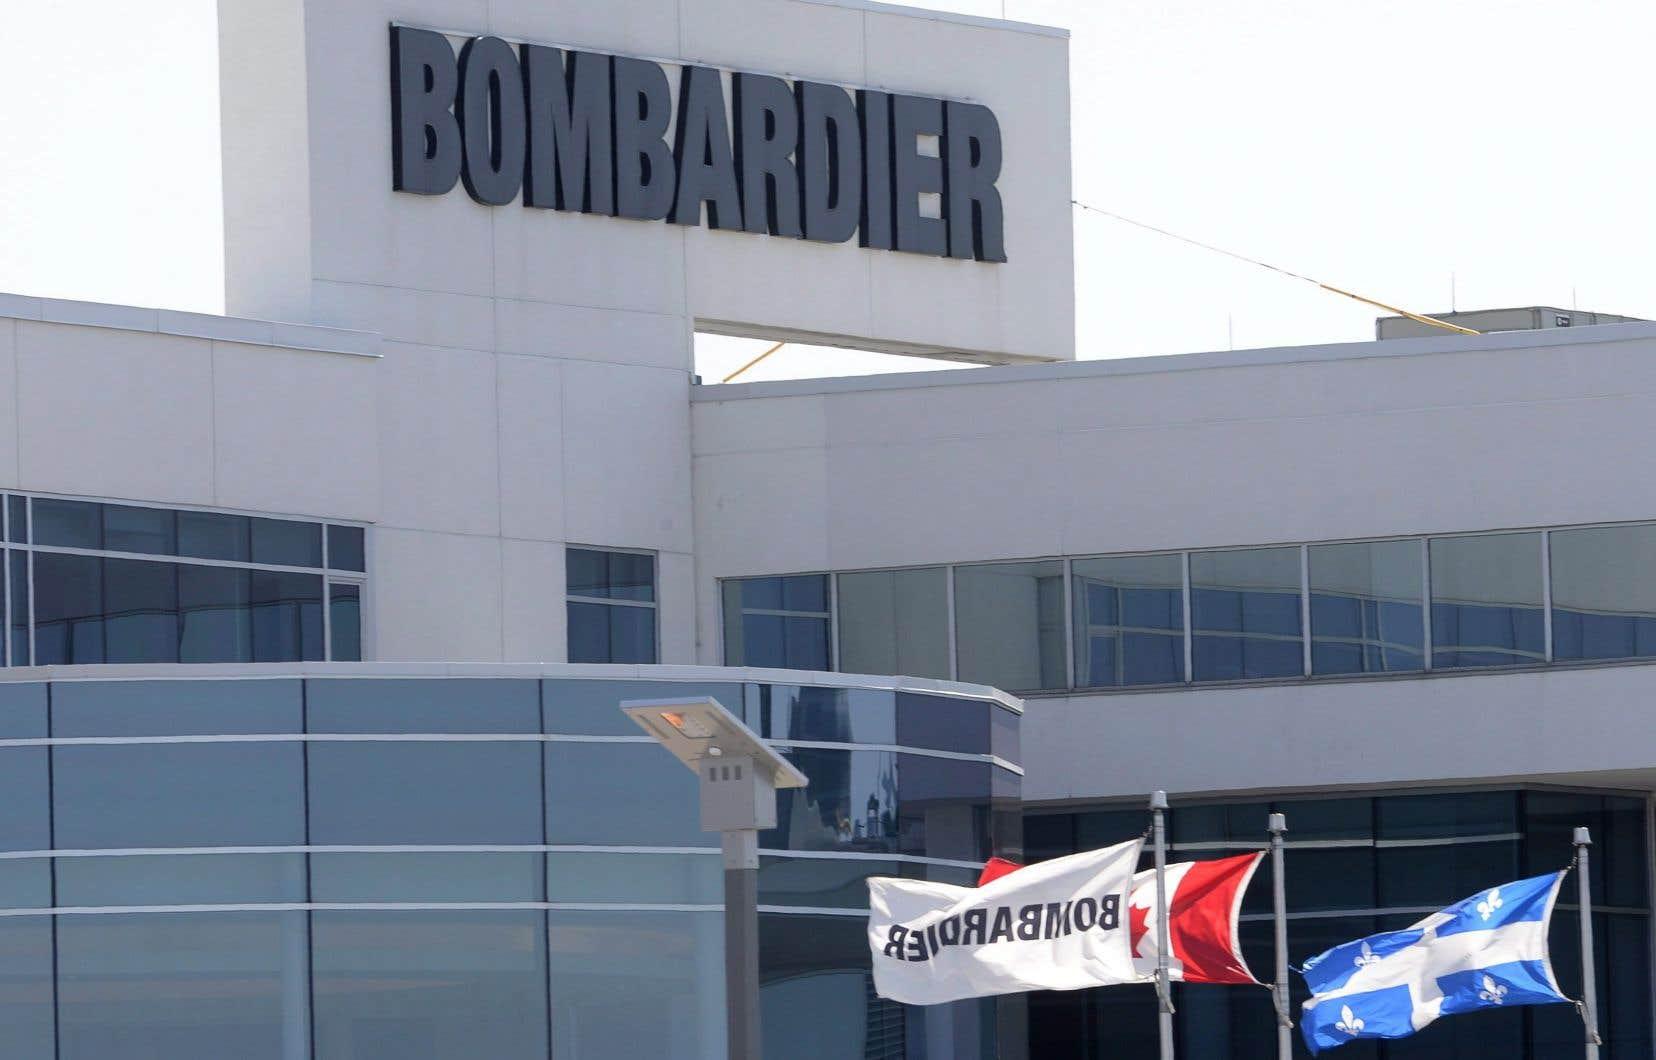 La semaine dernière, Bombardier a lancé un avertissement sur ses résultats financiers en plus de laisser planer le doute sur sa participation dans l'A220, en plus d'annoncer qu'elle étudiait certaines options pour réduire sa lourde dette.